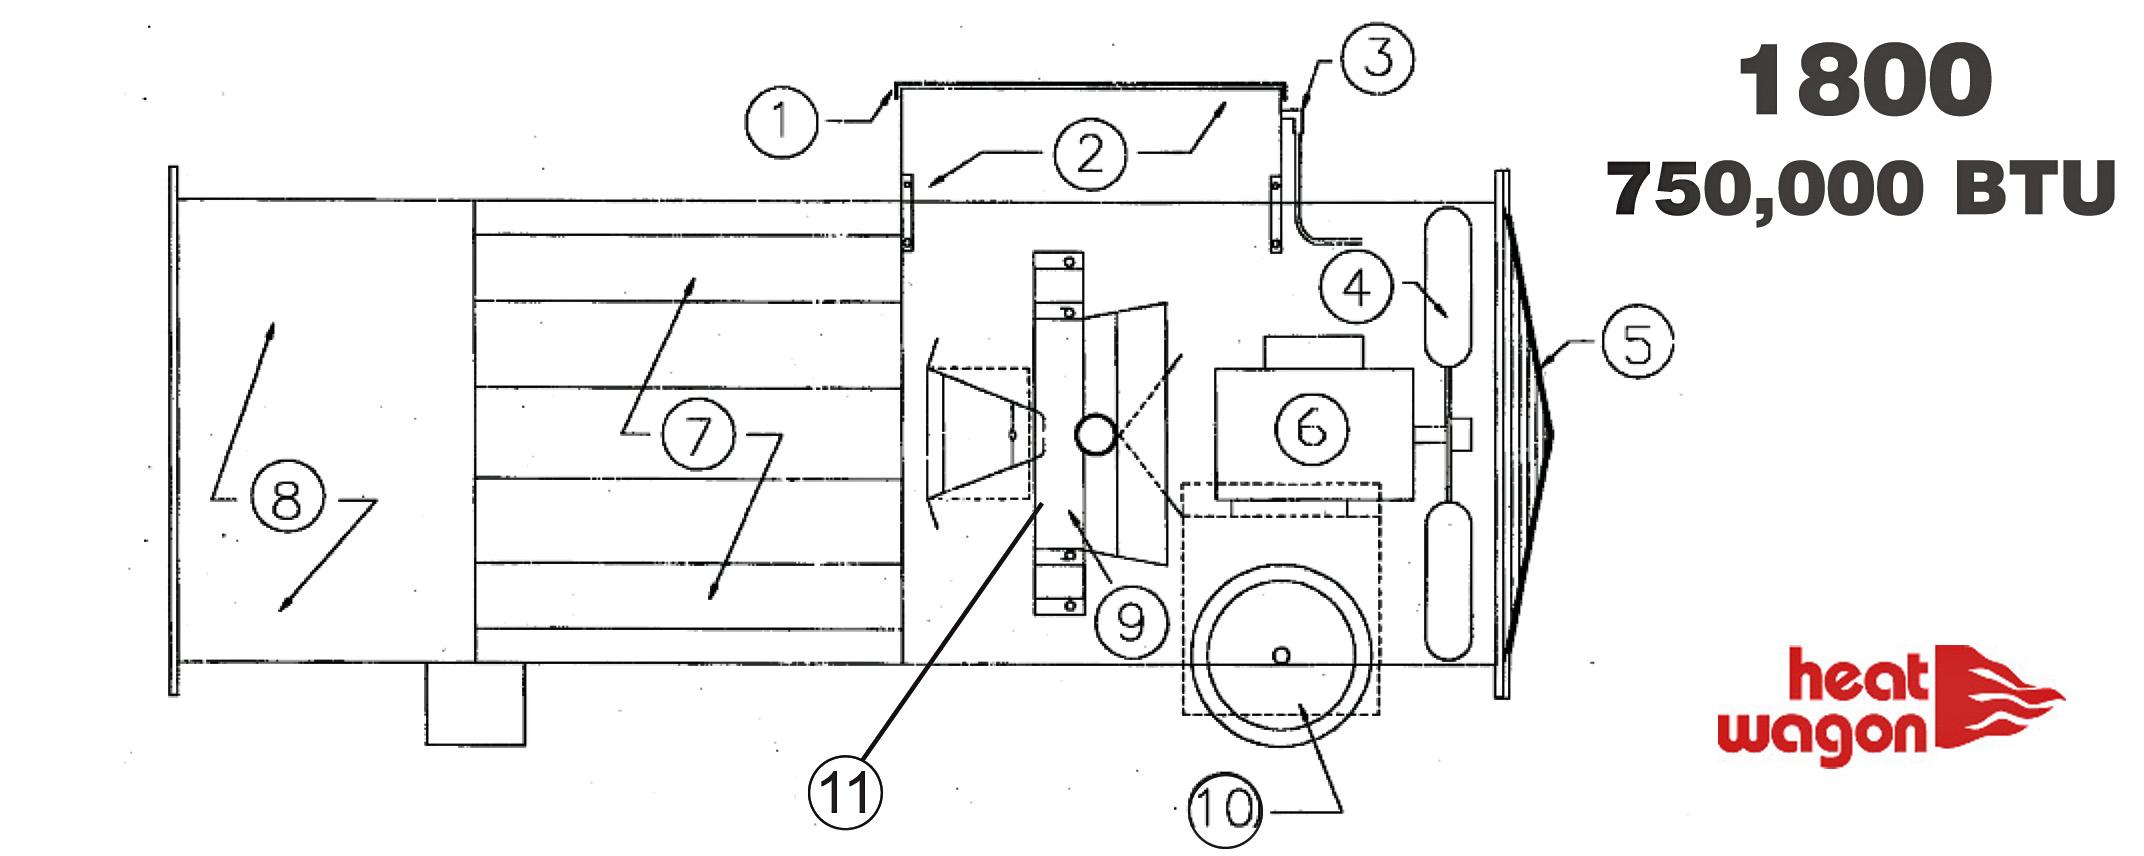 Heat Wagon 1800 General Body, Fan, Burner Parts On Penn